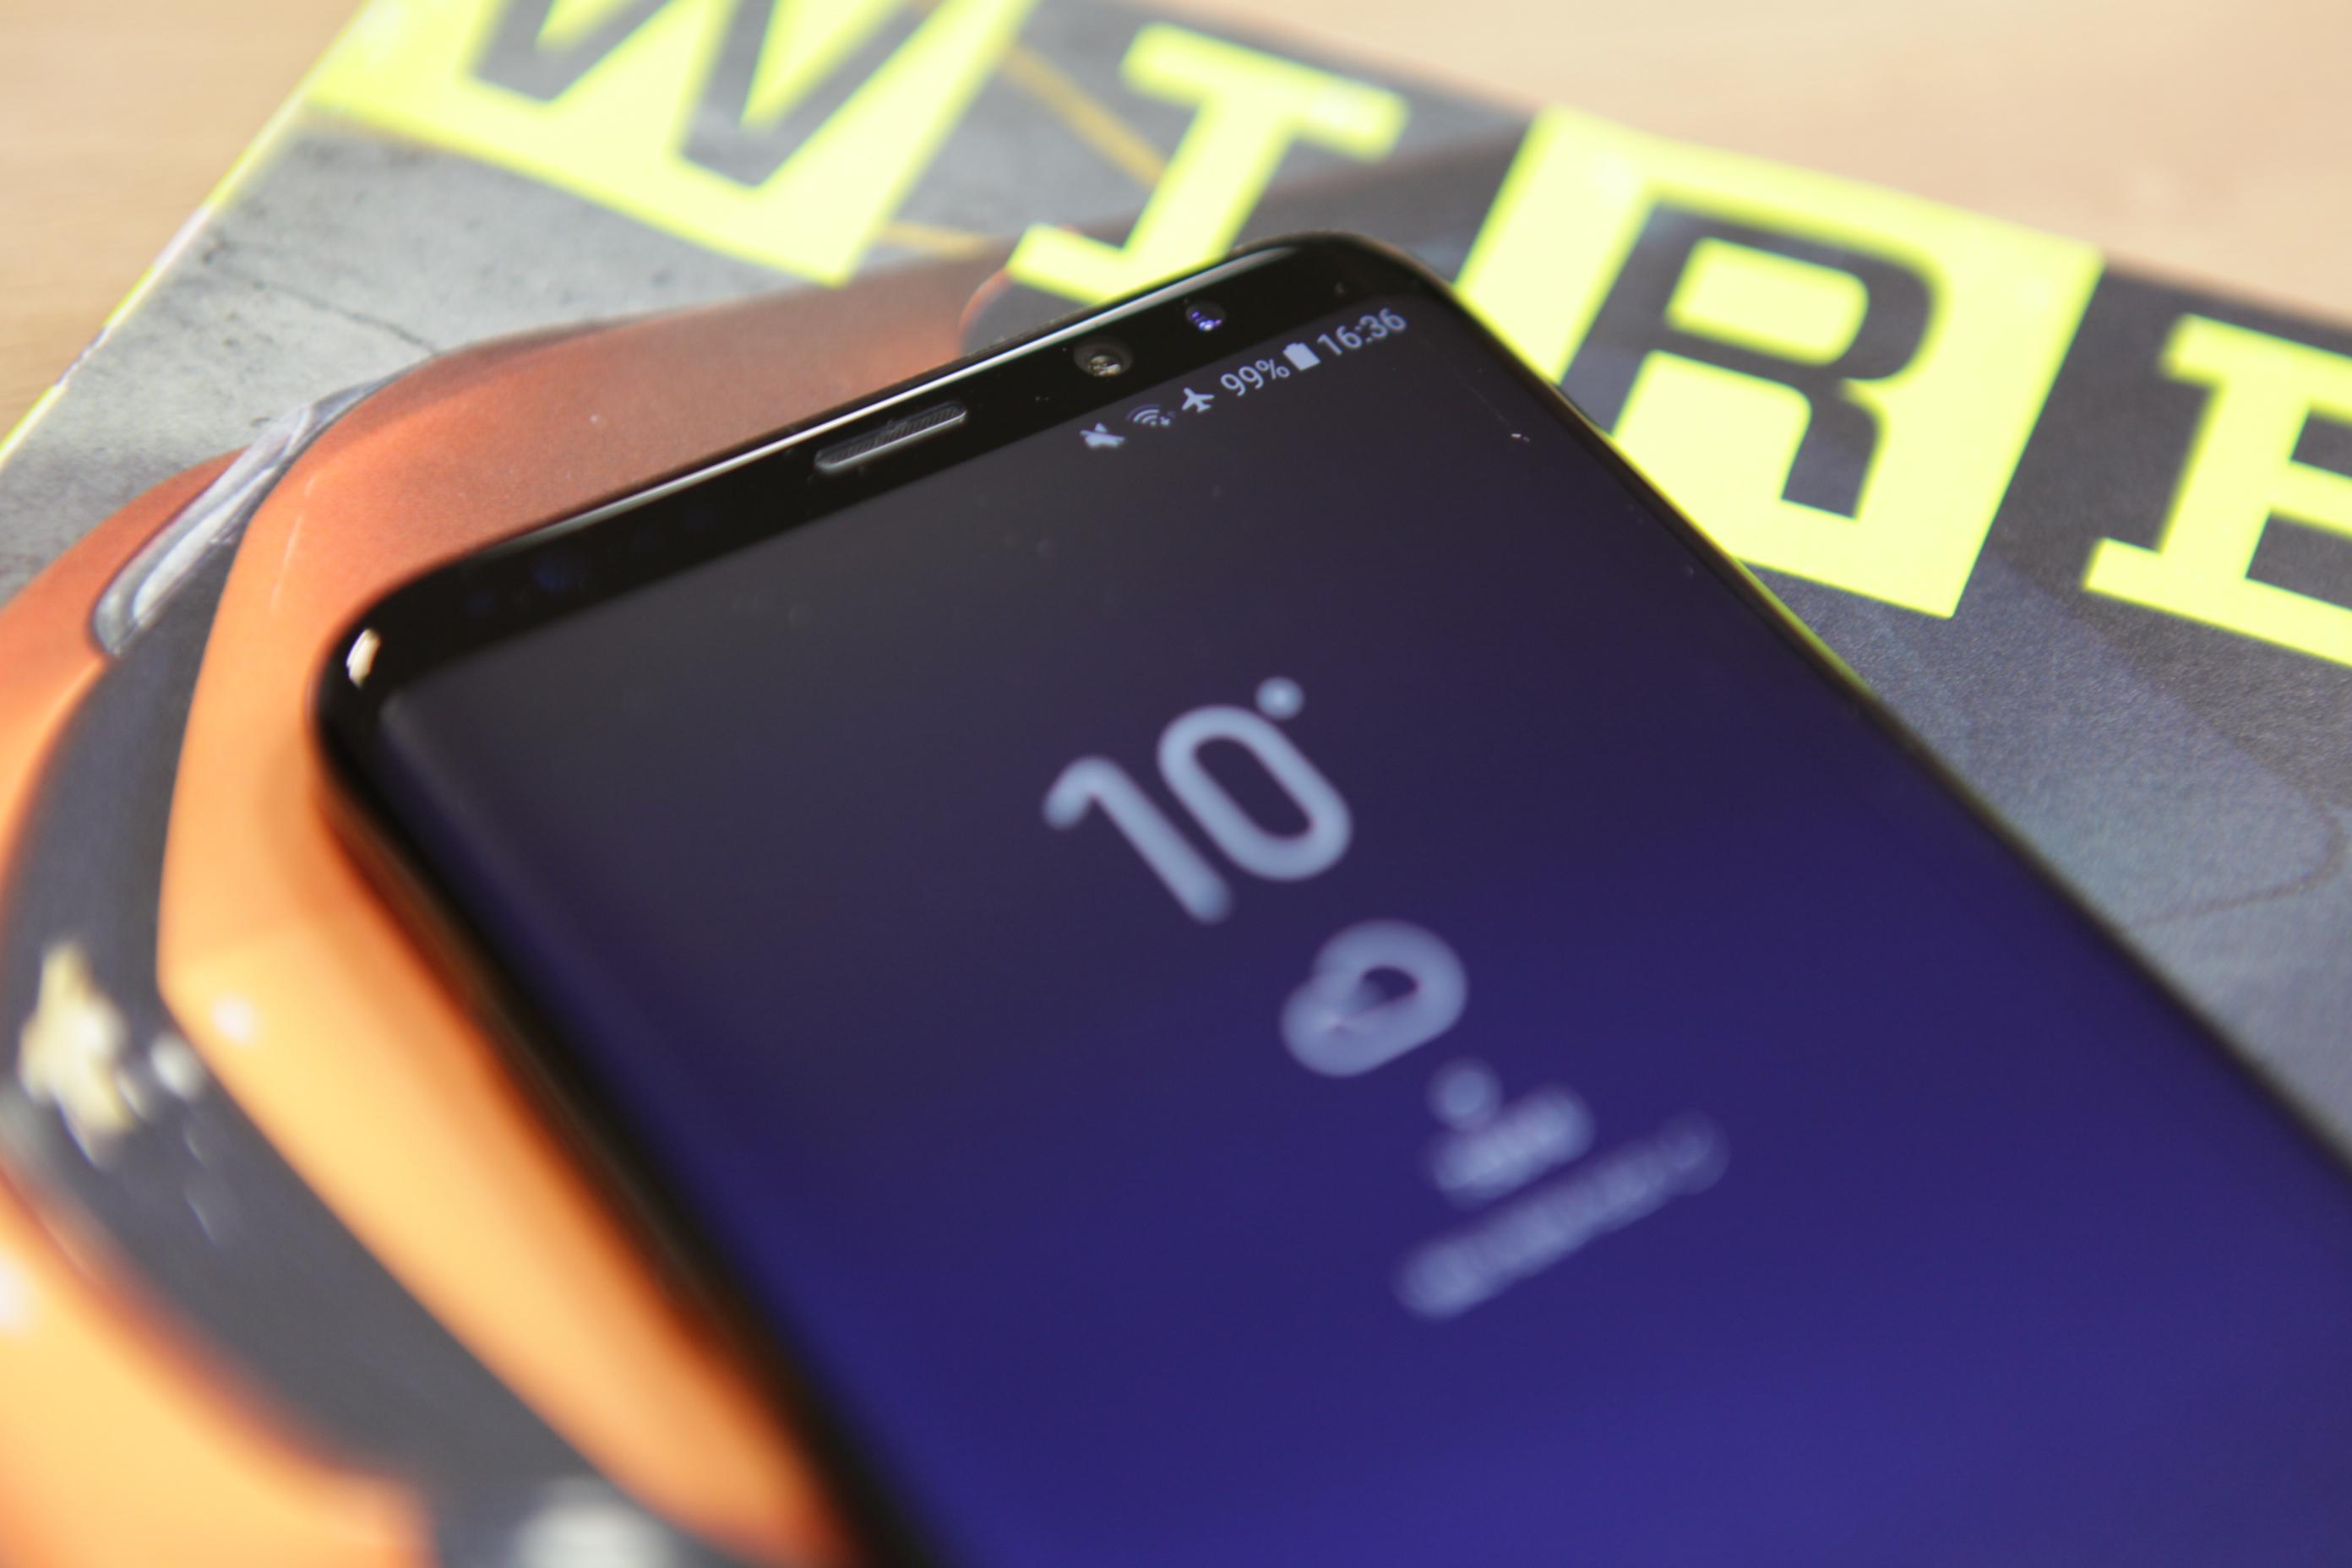 Le Samsung Galaxy S8 est lui aussi victime d'une valse des composants